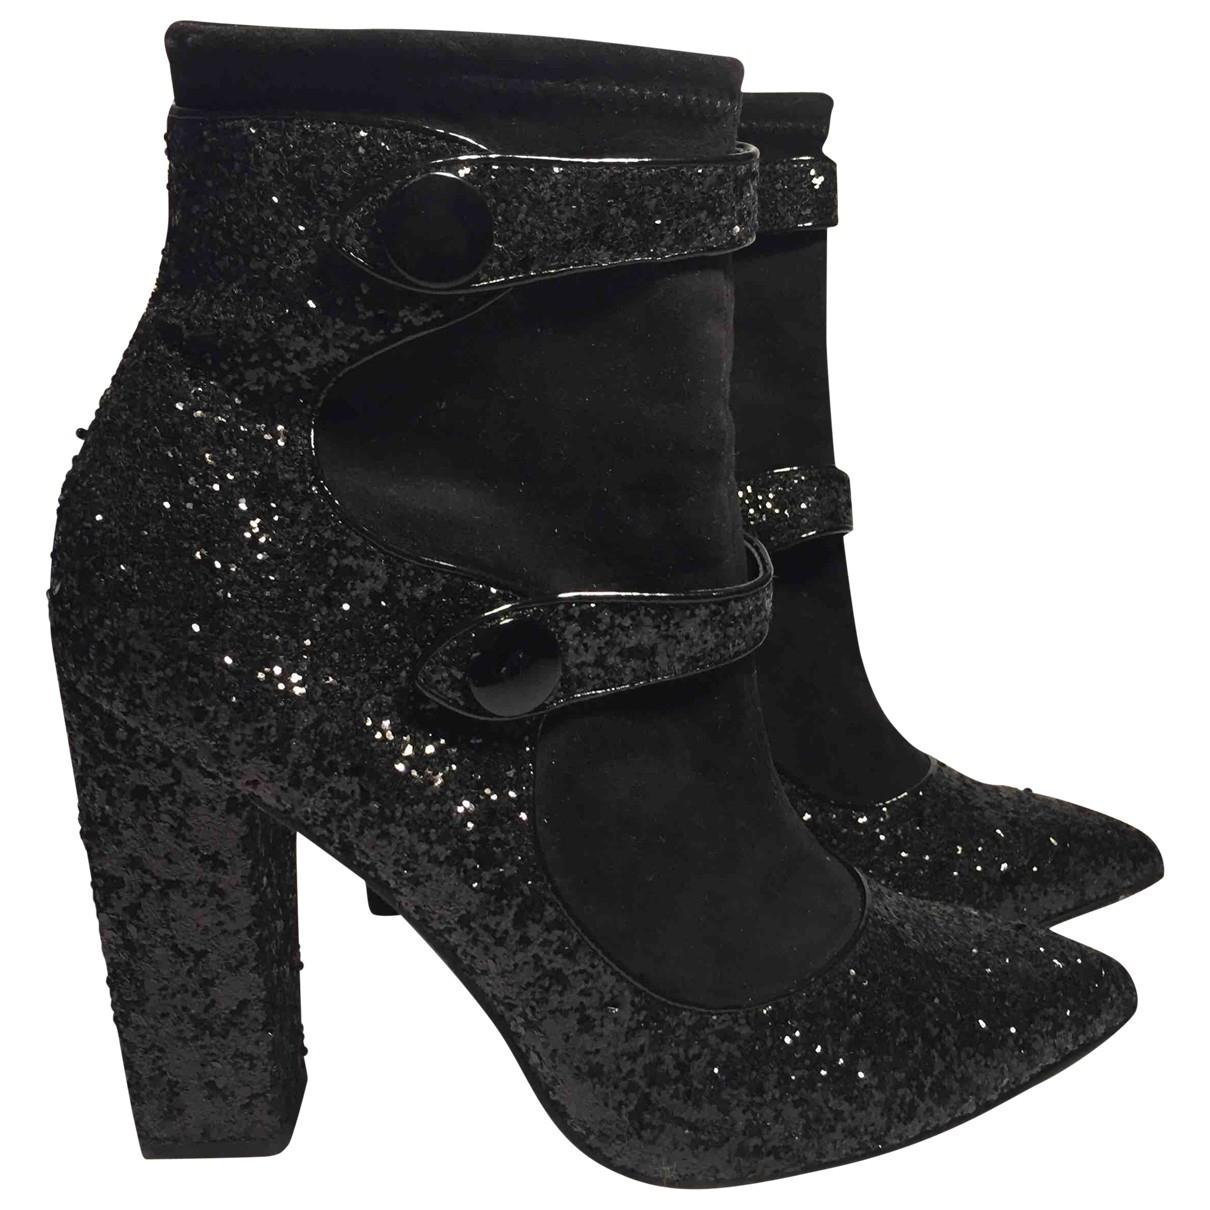 Asos - Boots   pour femme en a paillettes - noir